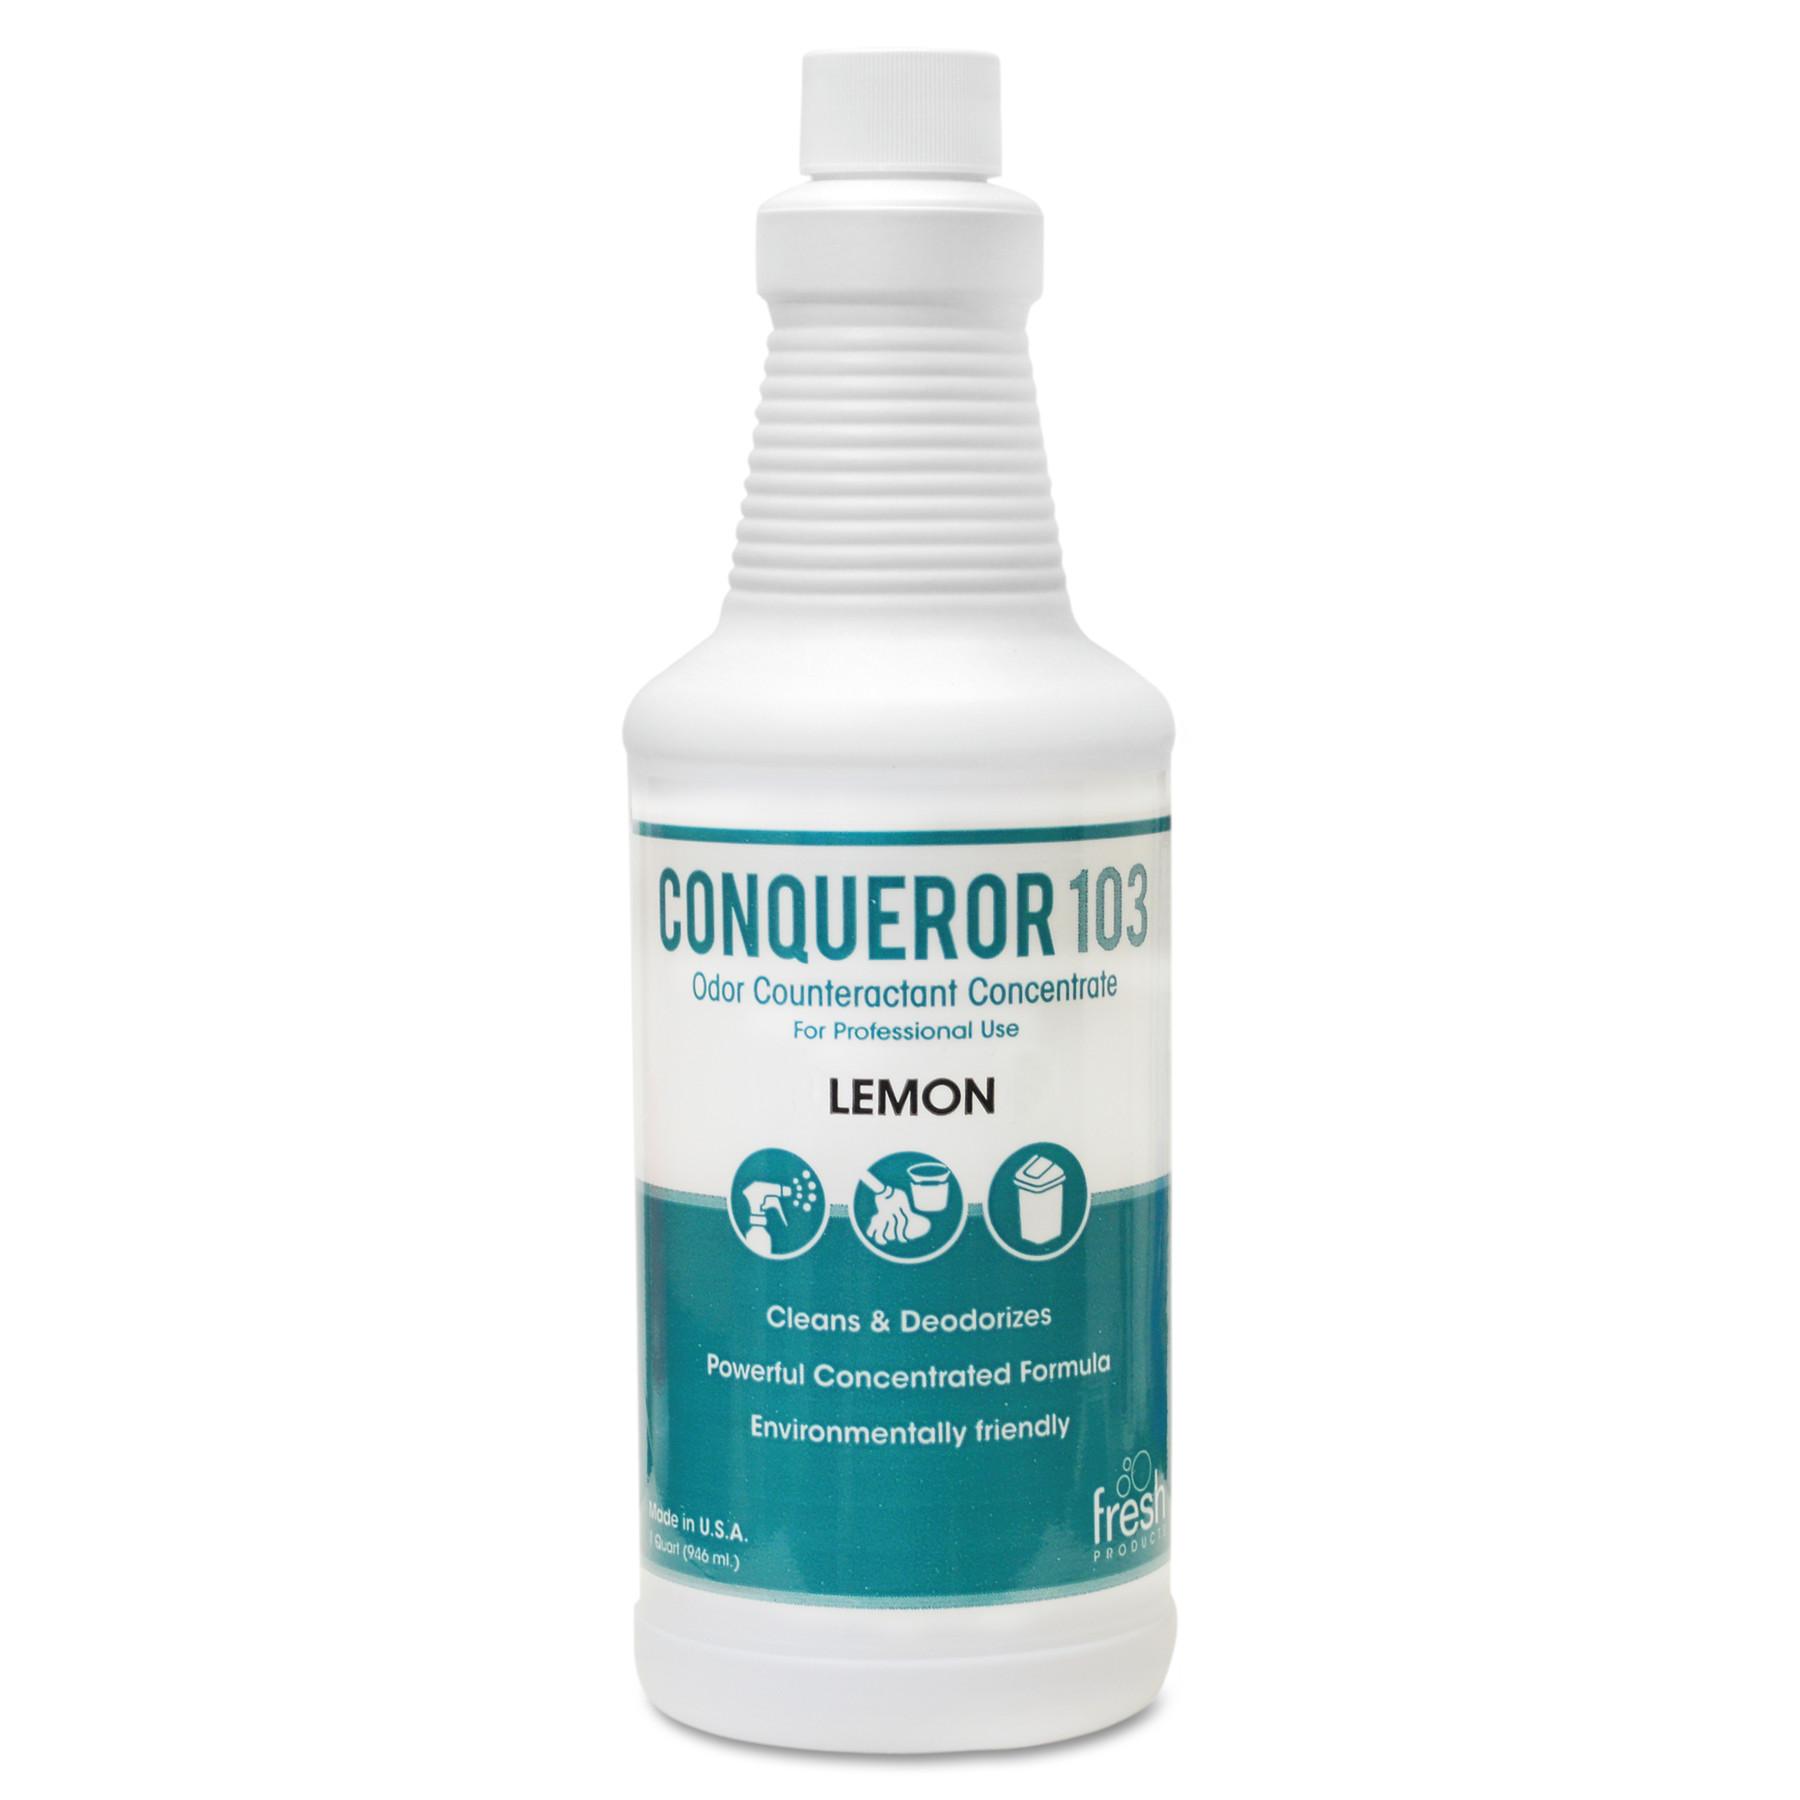 Conqueror 103 Odor Counteractant Concentrate, Lemon, 32oz Bottle, 12/Carton